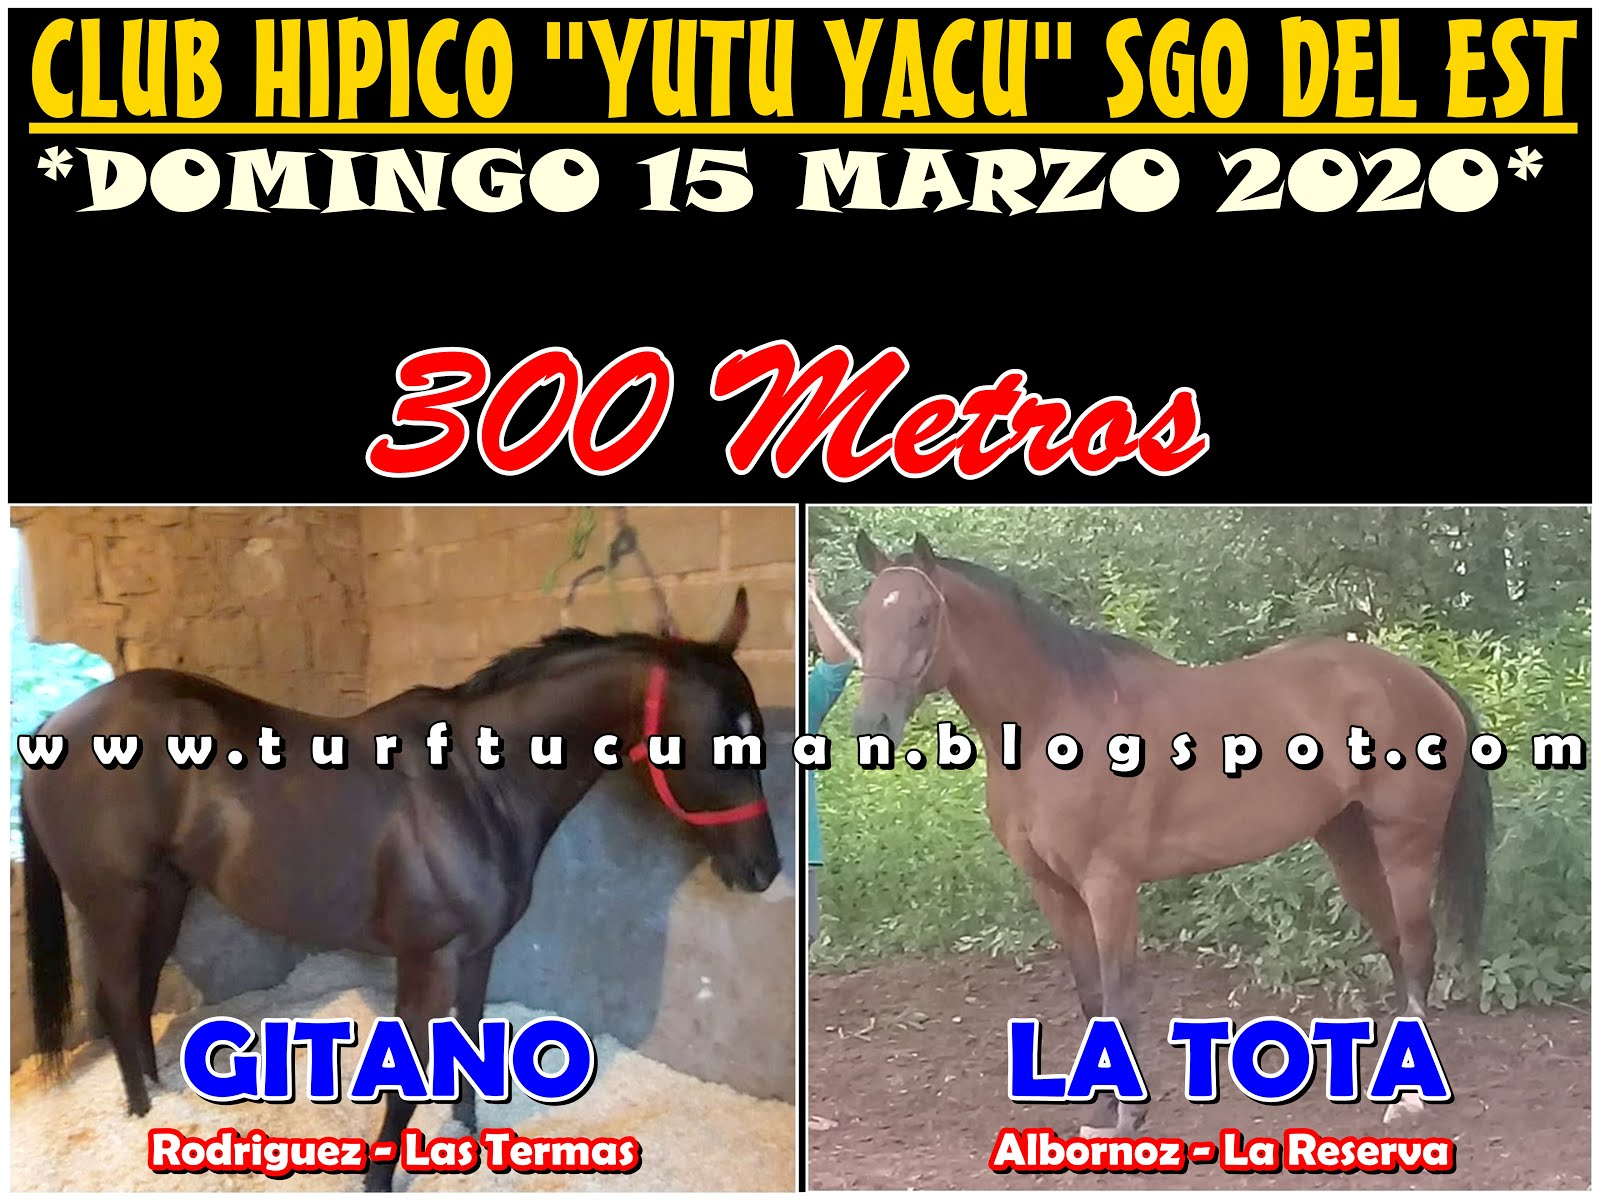 GITANO VS TOTA